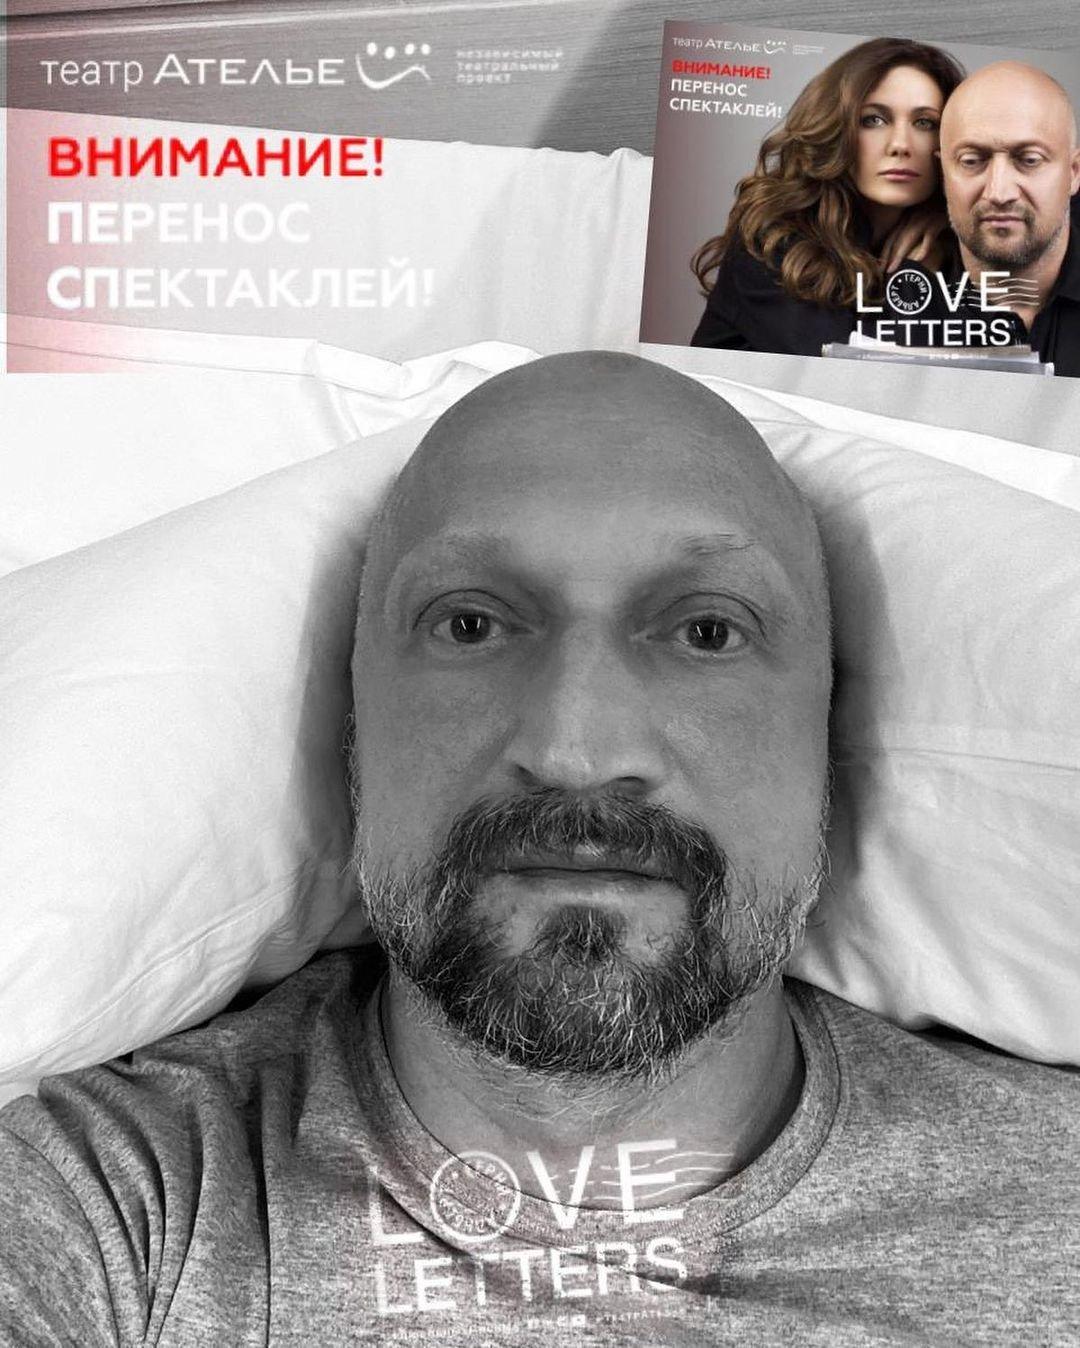 Гошу Куценко госпитализировали с COVID-19